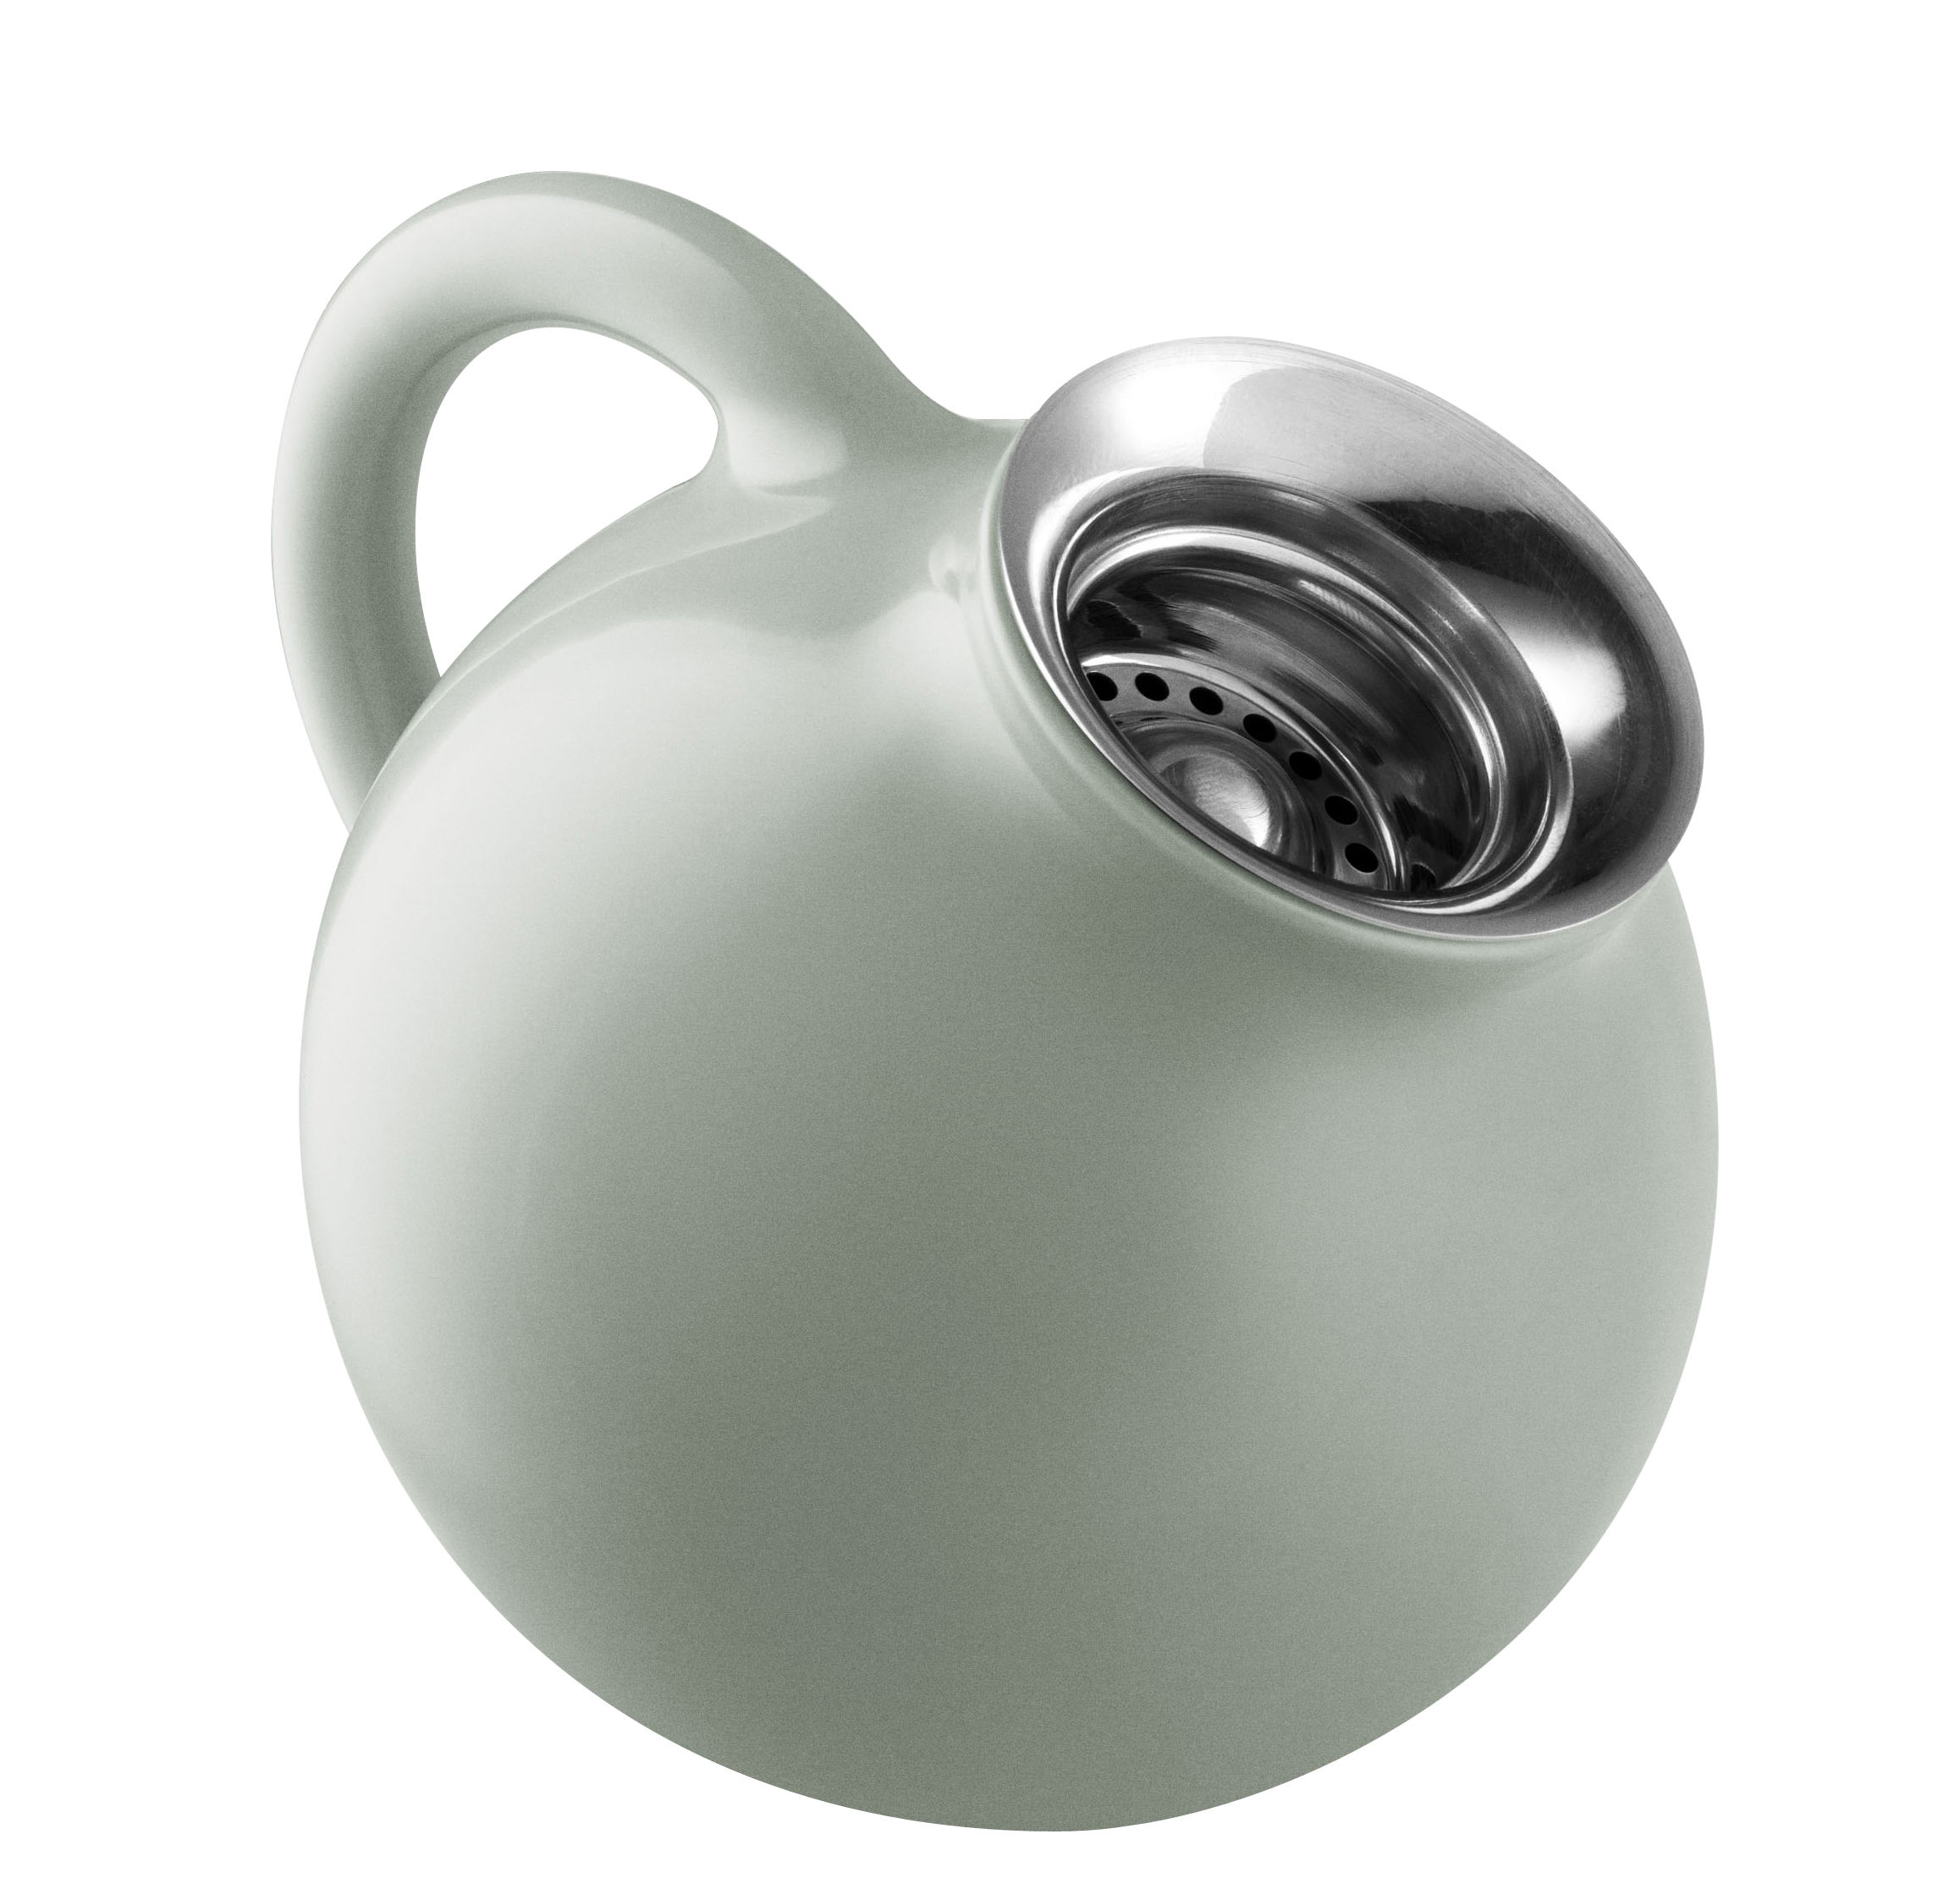 Tischkultur - Tee und Kaffee - Globe Milchtopf / 0,3 l - Steinzeug - Eva Solo - Nordisch-grün - rostfreier Stahl, Sandstein